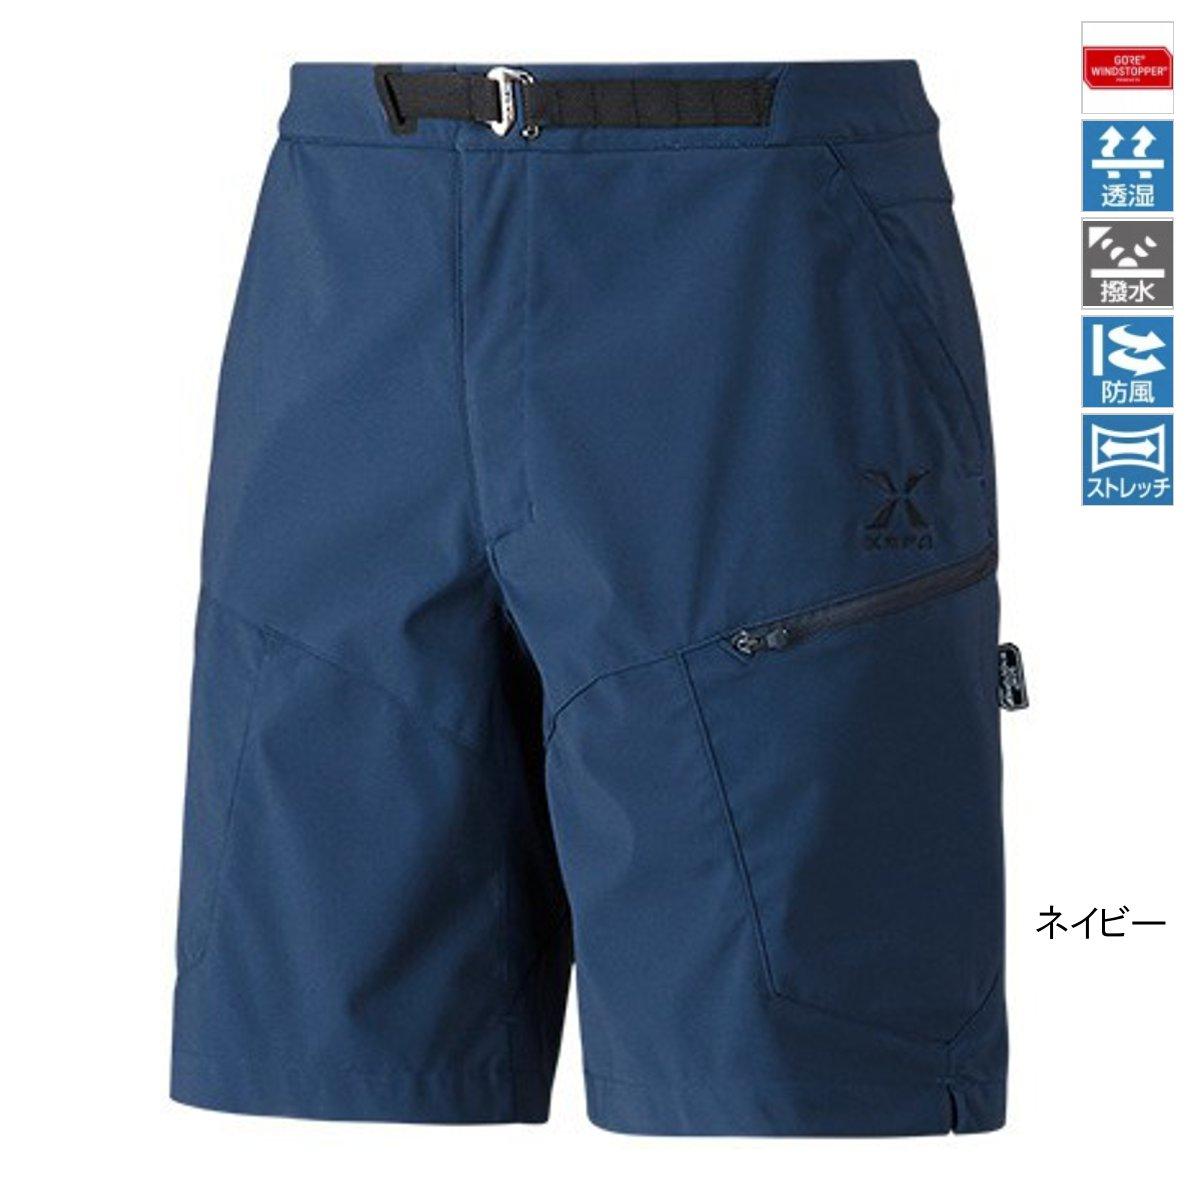 シマノ XEFO GORE WINDSTOPPER ショーツ PA-242R M ネイビー【送料無料】